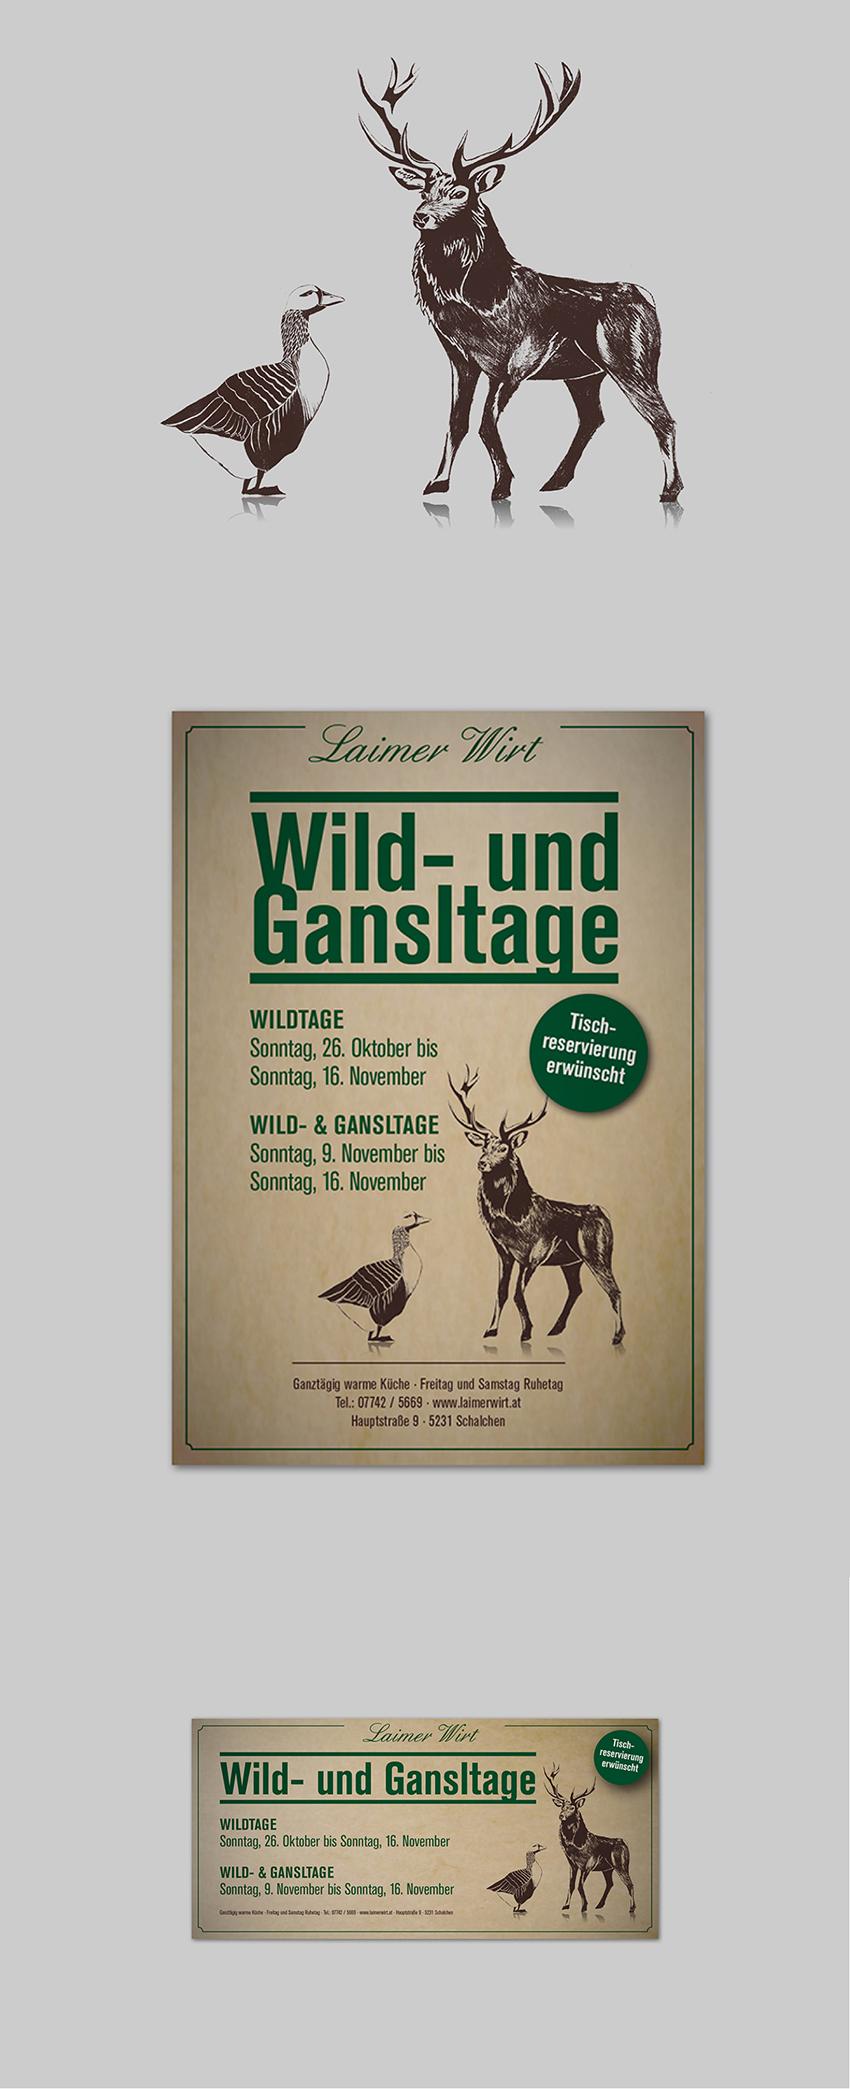 Projekt Wild-und Gansltage